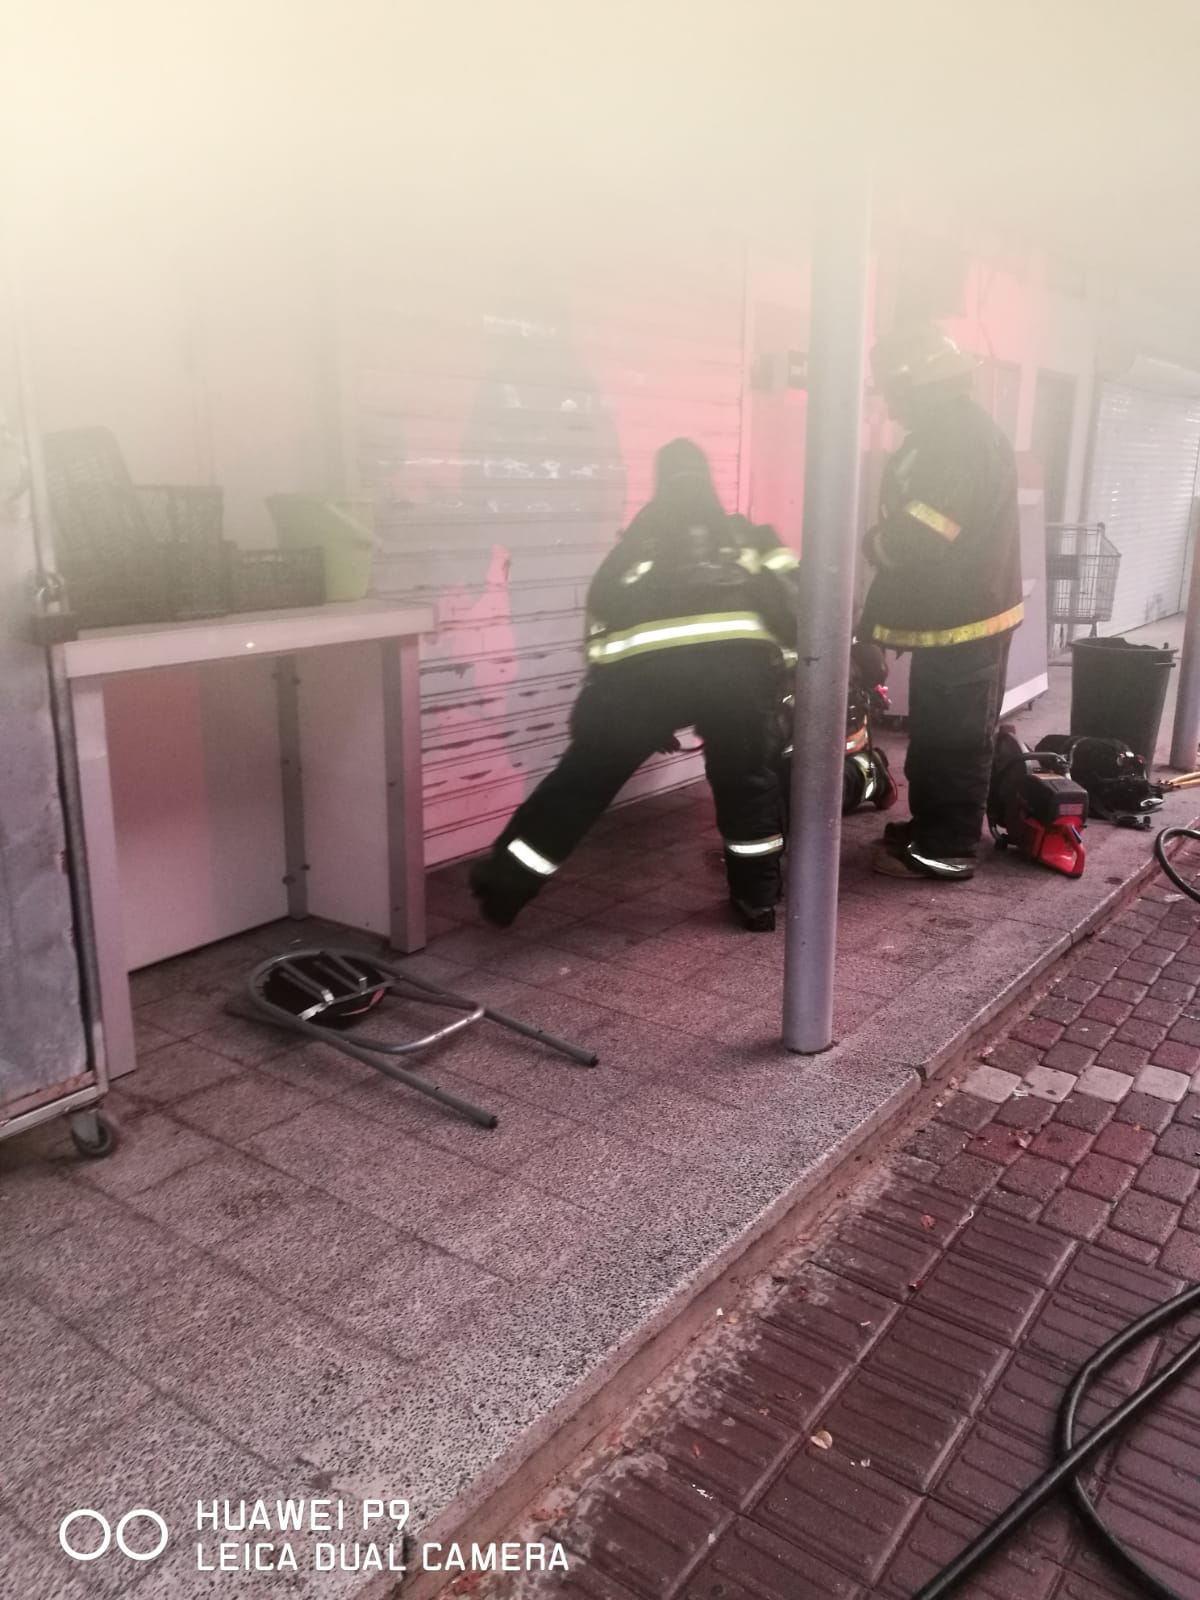 اللد: حريق داخل محل تجاري دون تسجيل اصابات